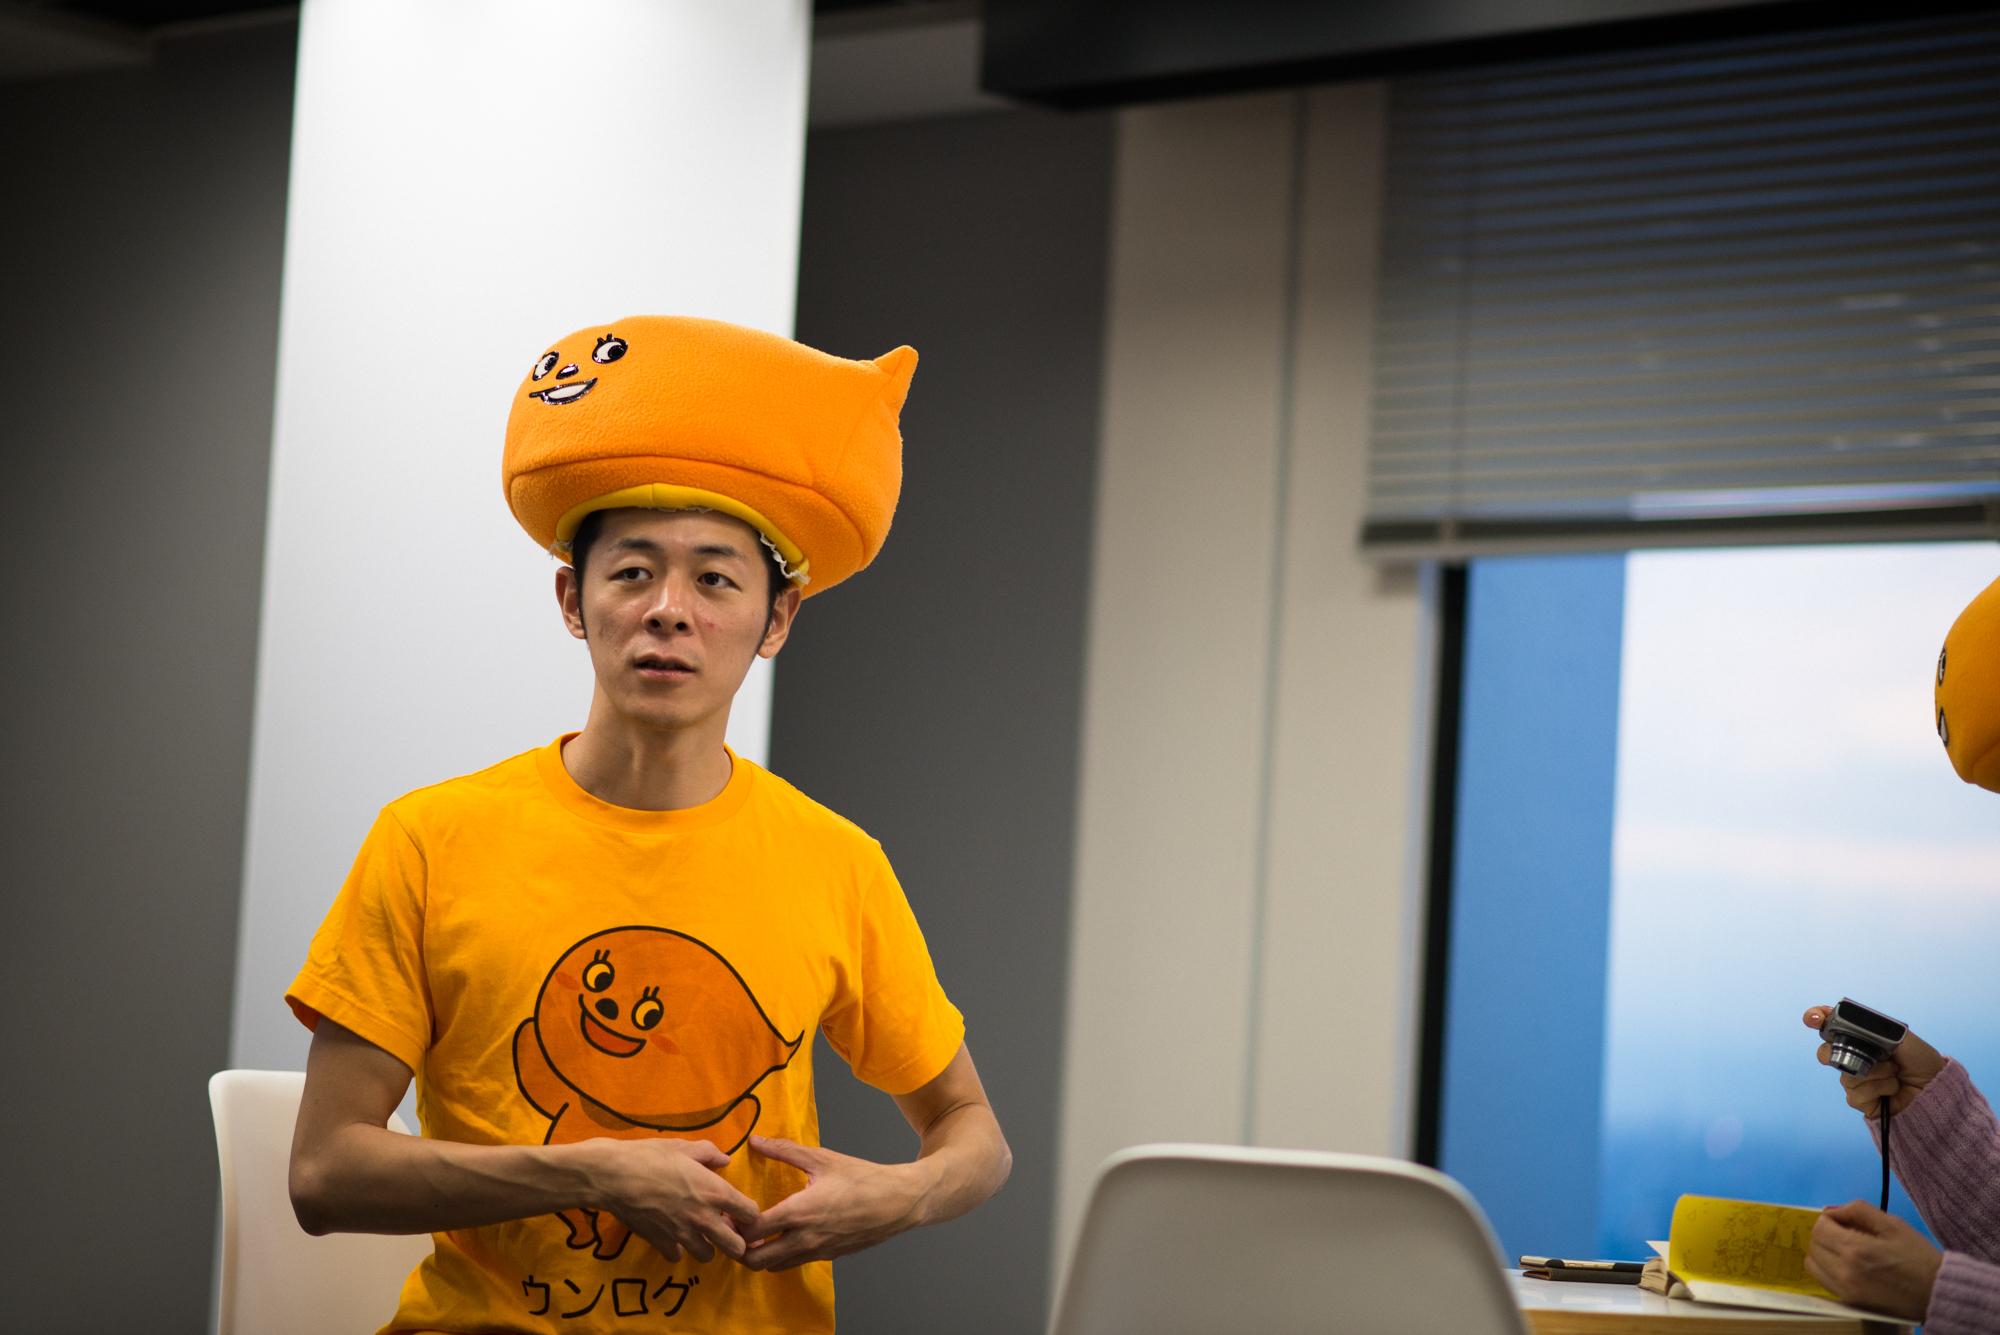 運を使い果たした男がウンログで「ウン」をつかむ!? 40万ダウンロードのアプリ・ウンログの開発者に聞く!(後半)